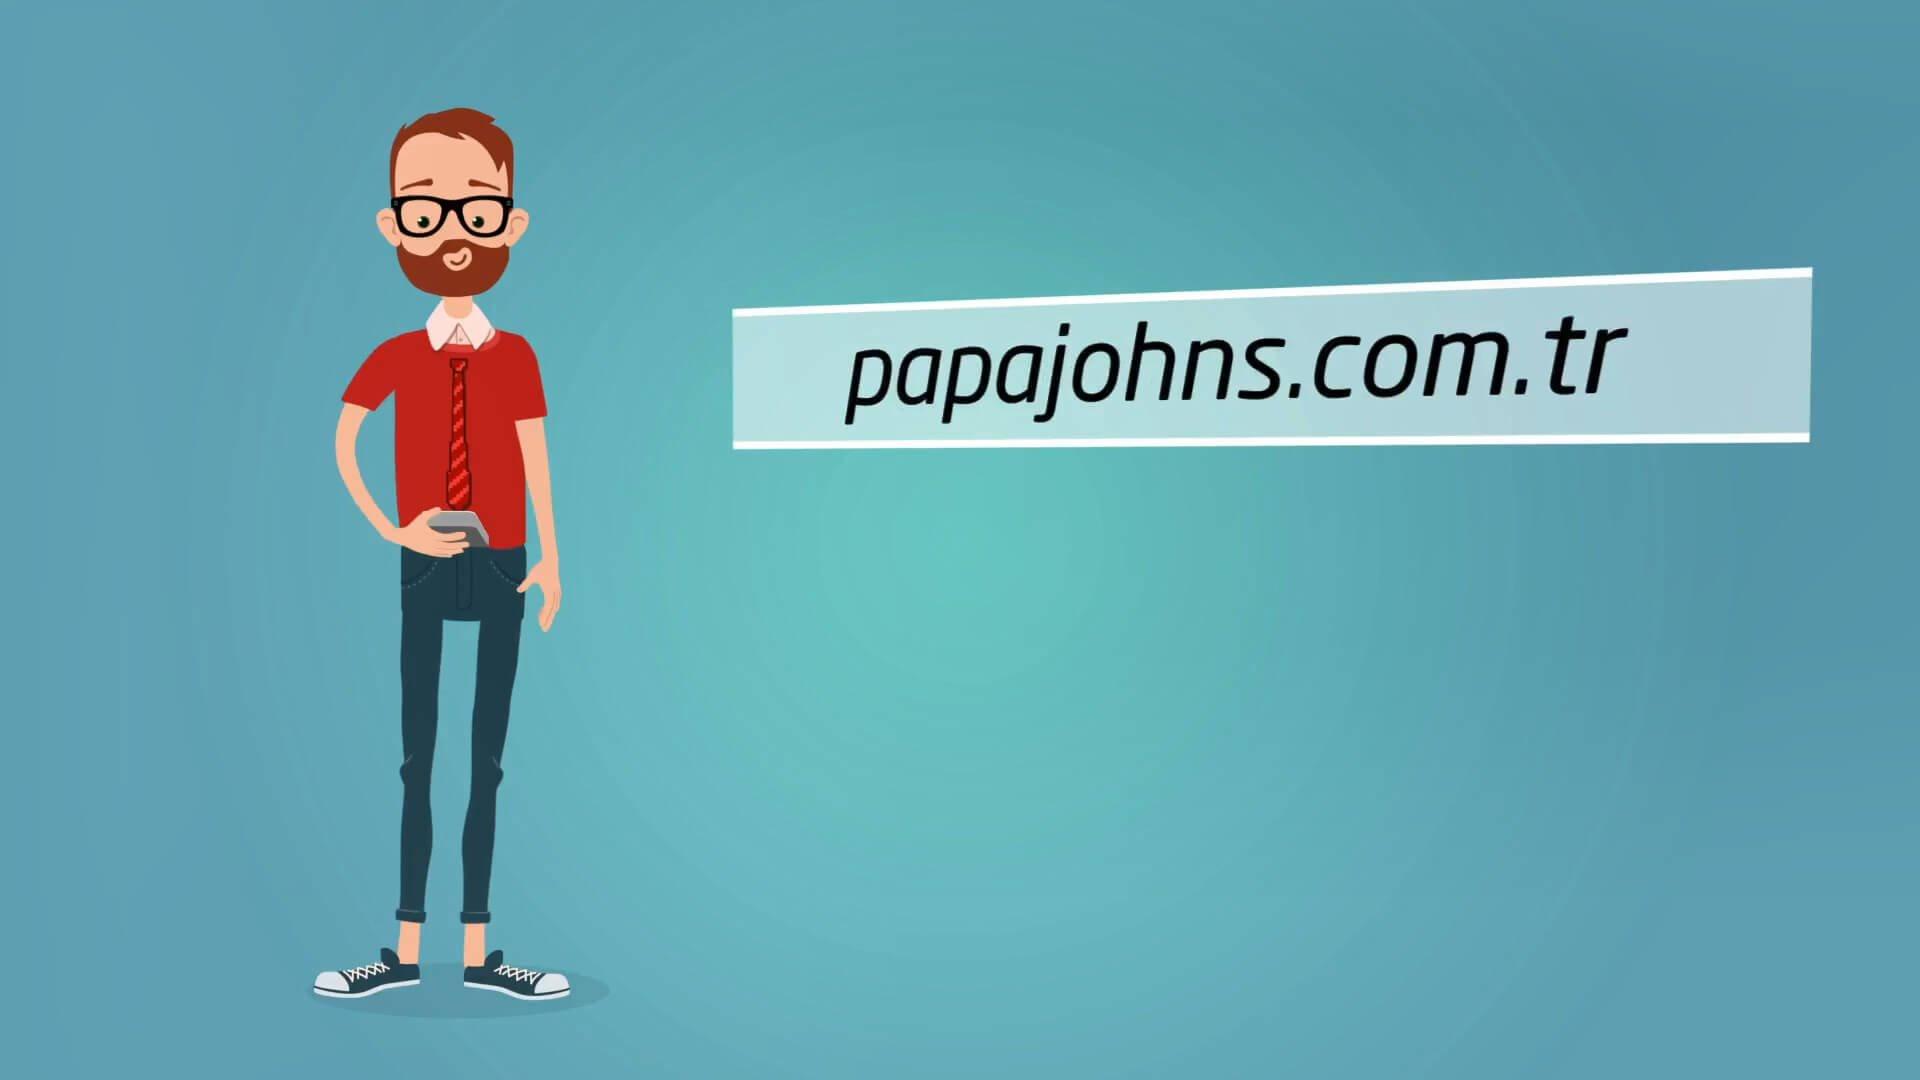 Papa Johns1 1920x1080 - Papa Johns Animasyon Filmi